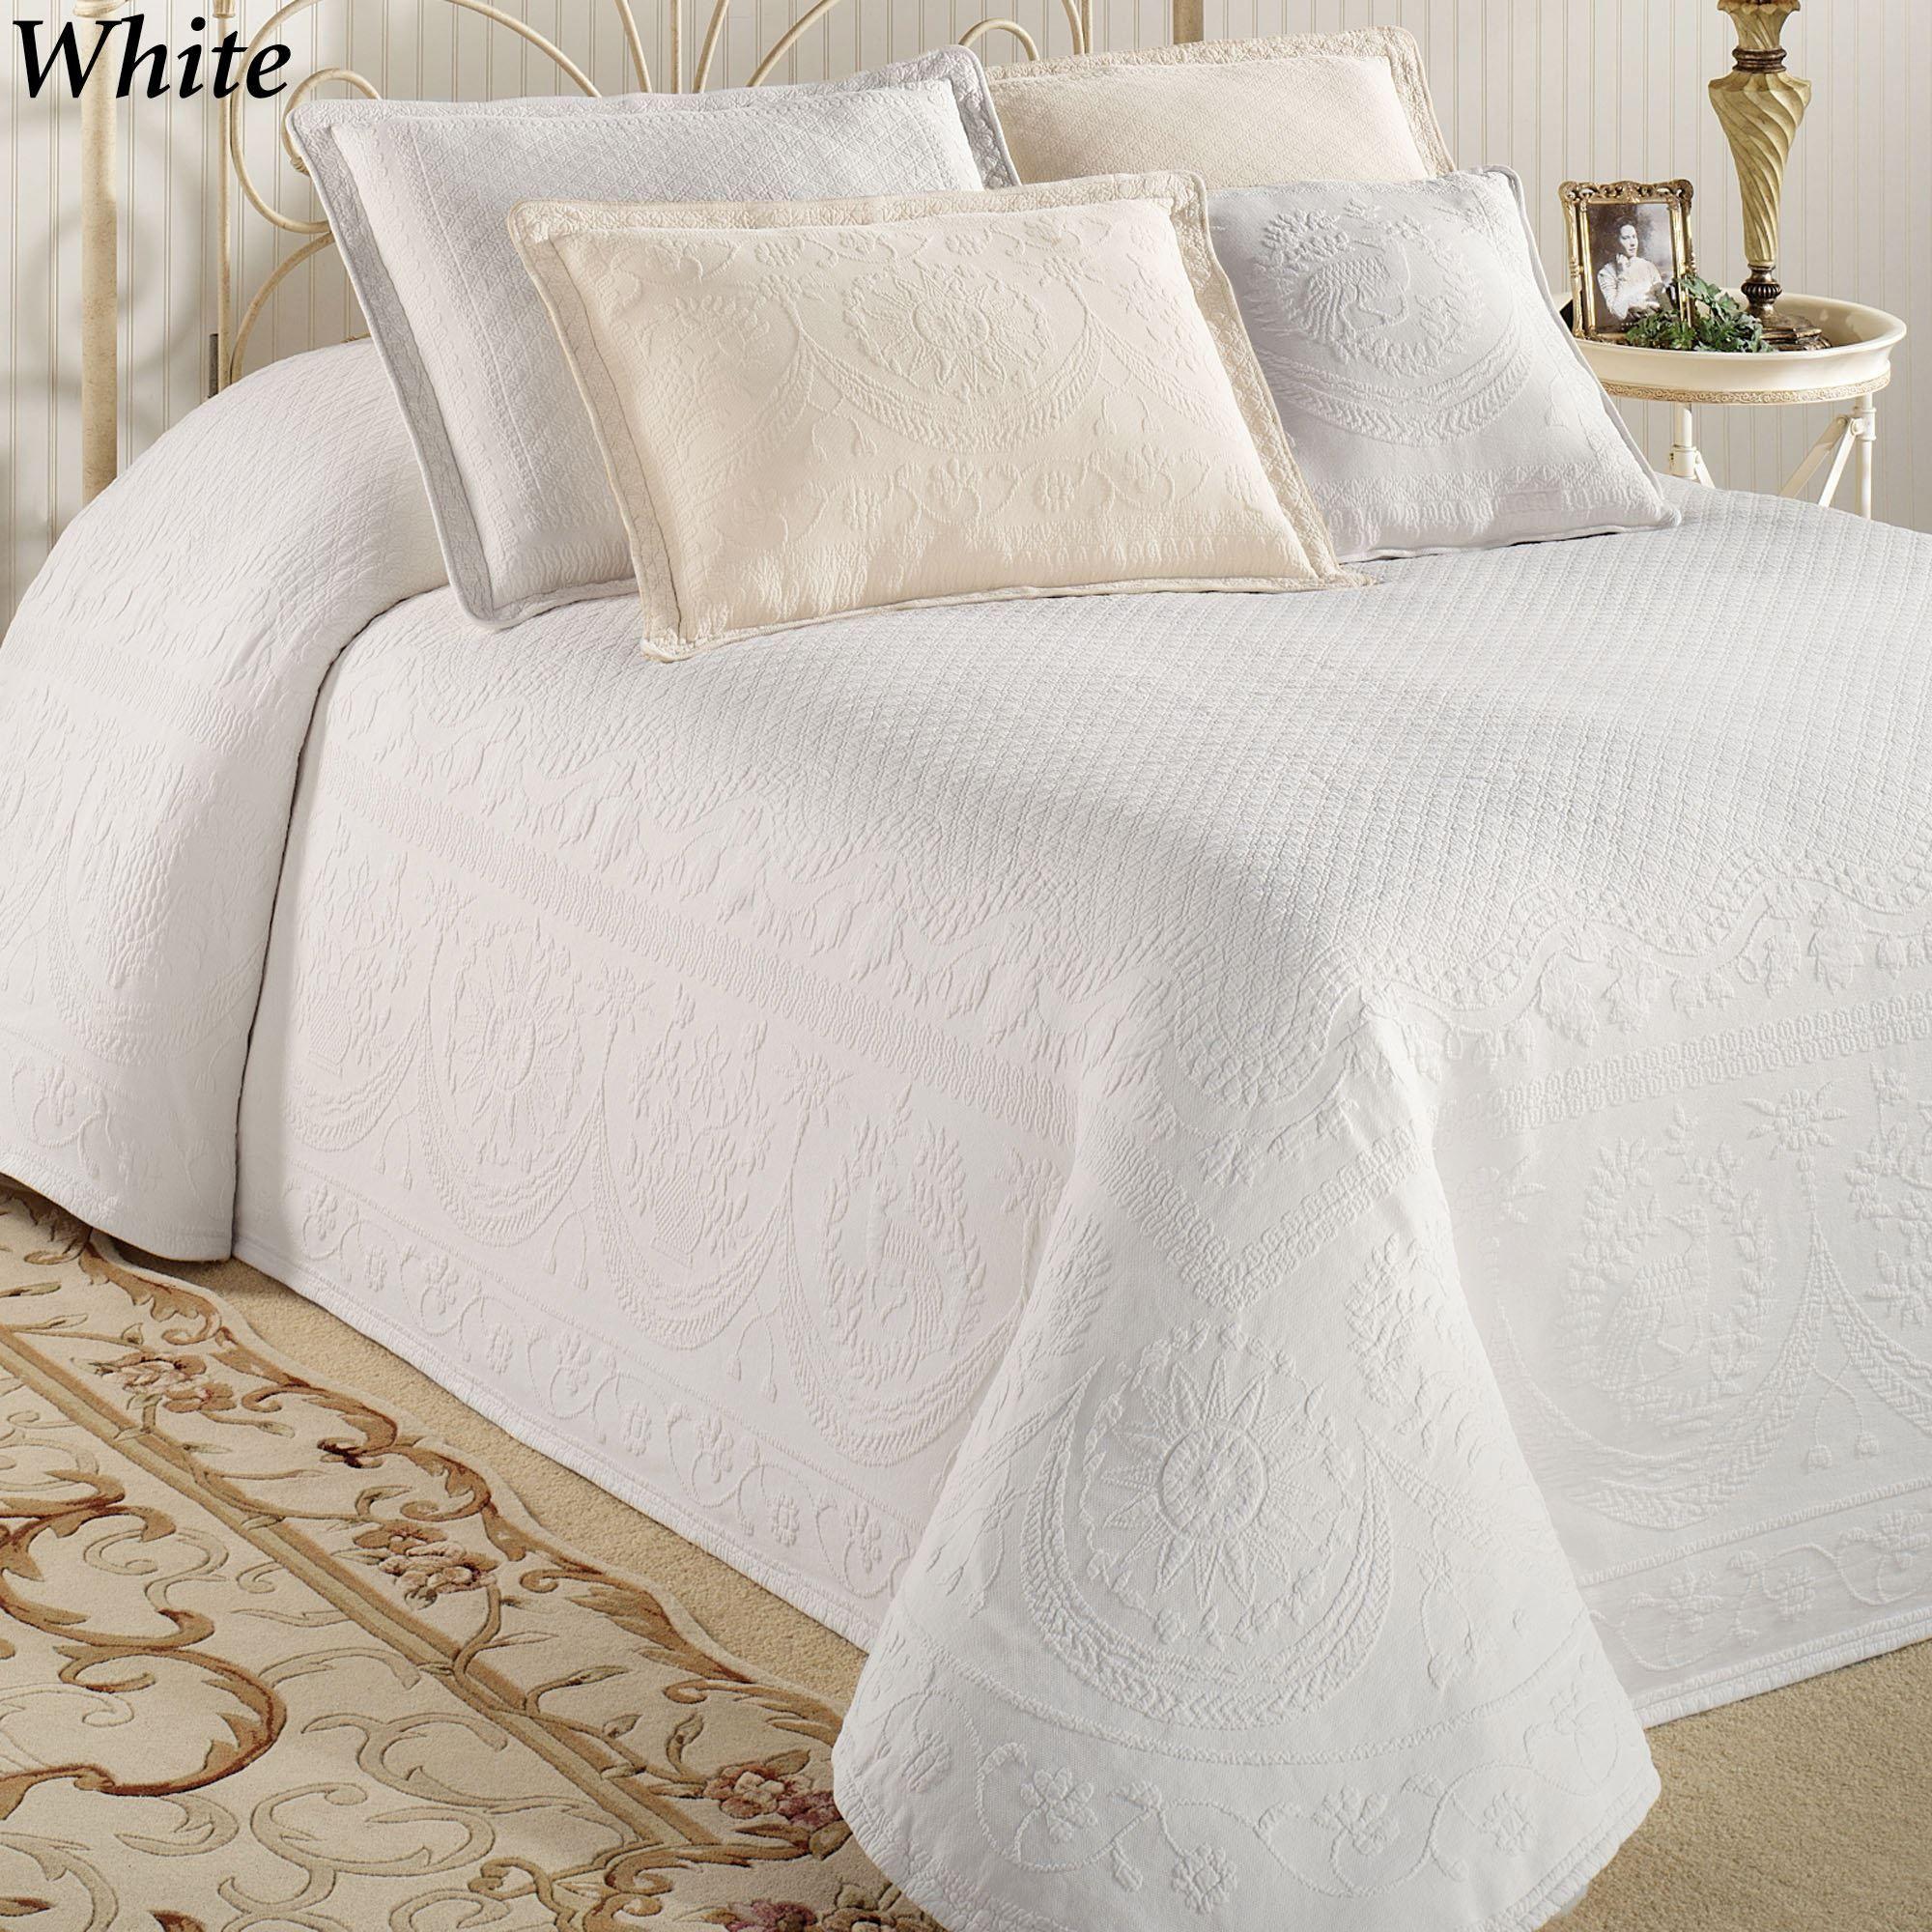 Captivating King Charles Matelasse Bedspread Bedding